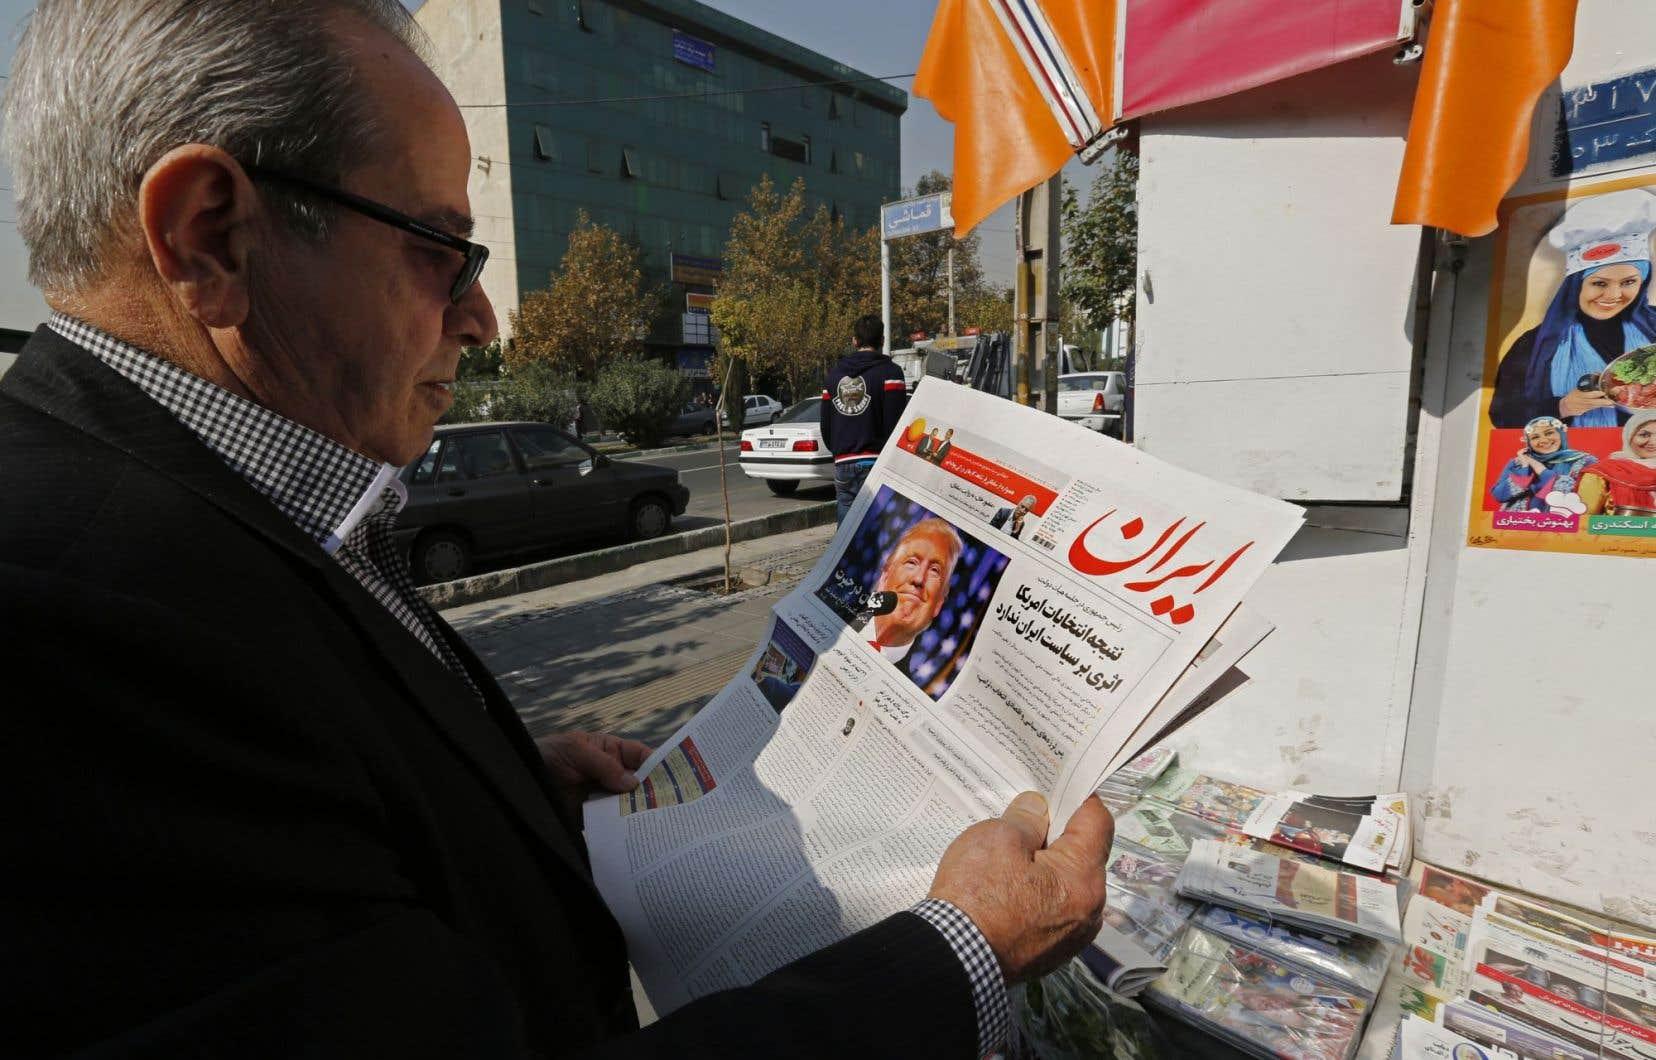 Un Iranien consulte les journeaux le lendemain de l'élection de Donald Trump.